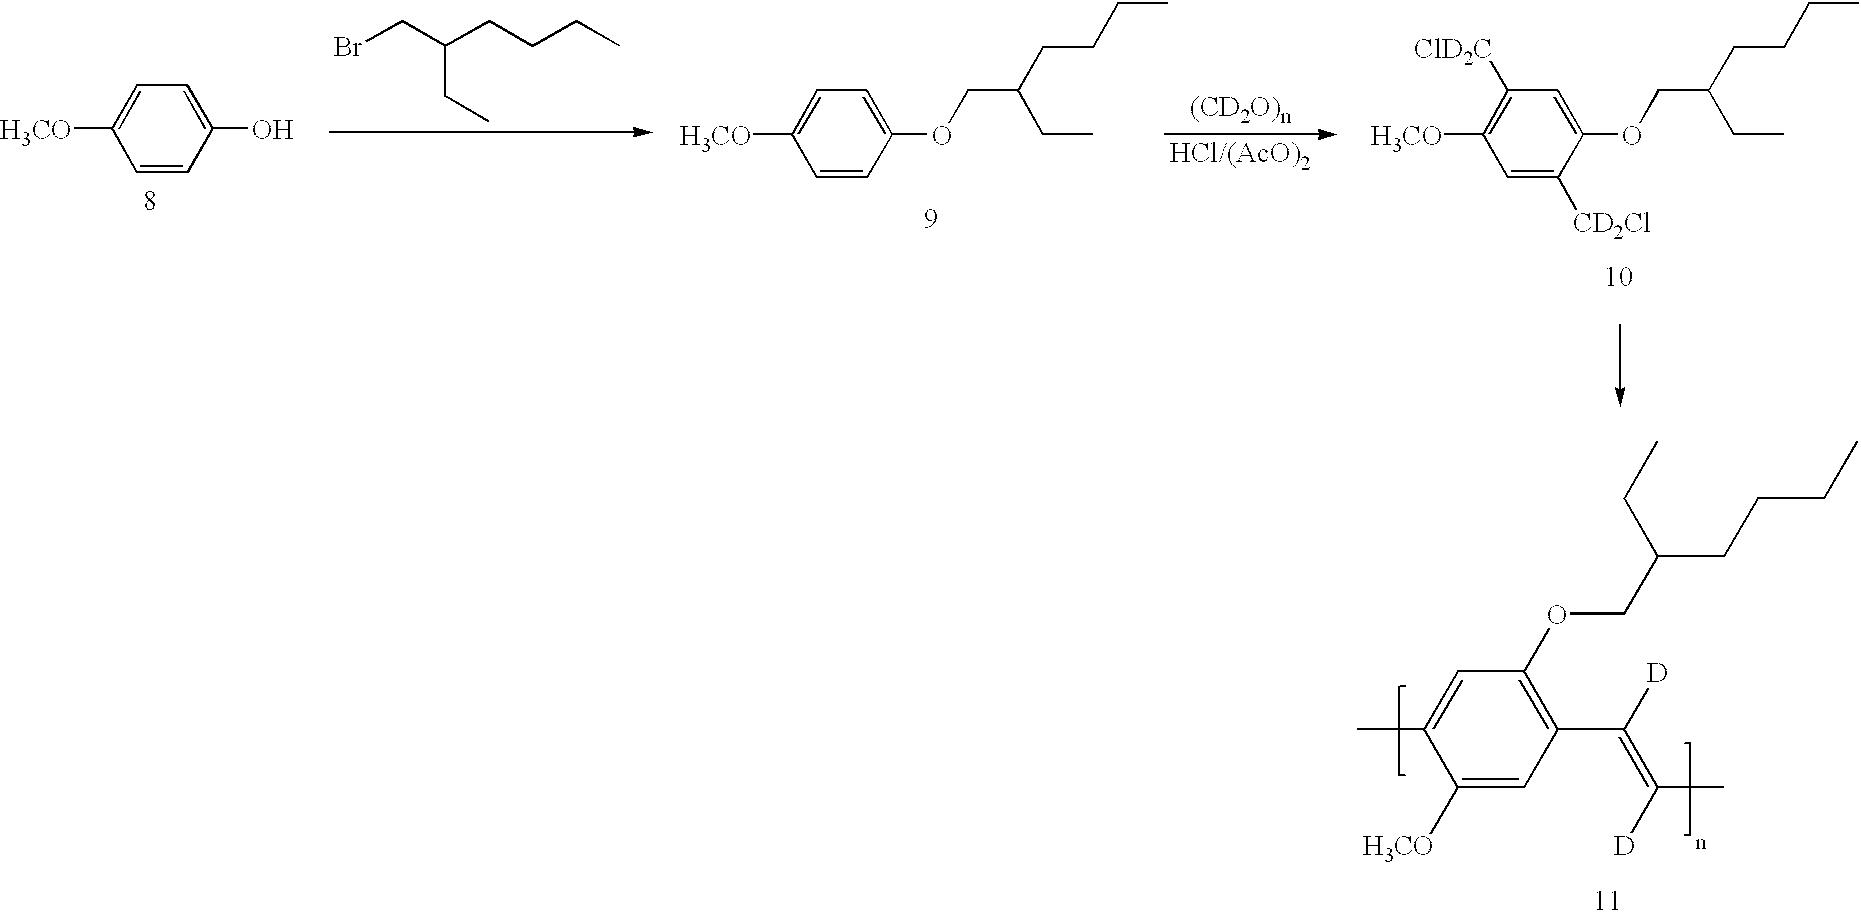 Figure US20020076576A1-20020620-C00008